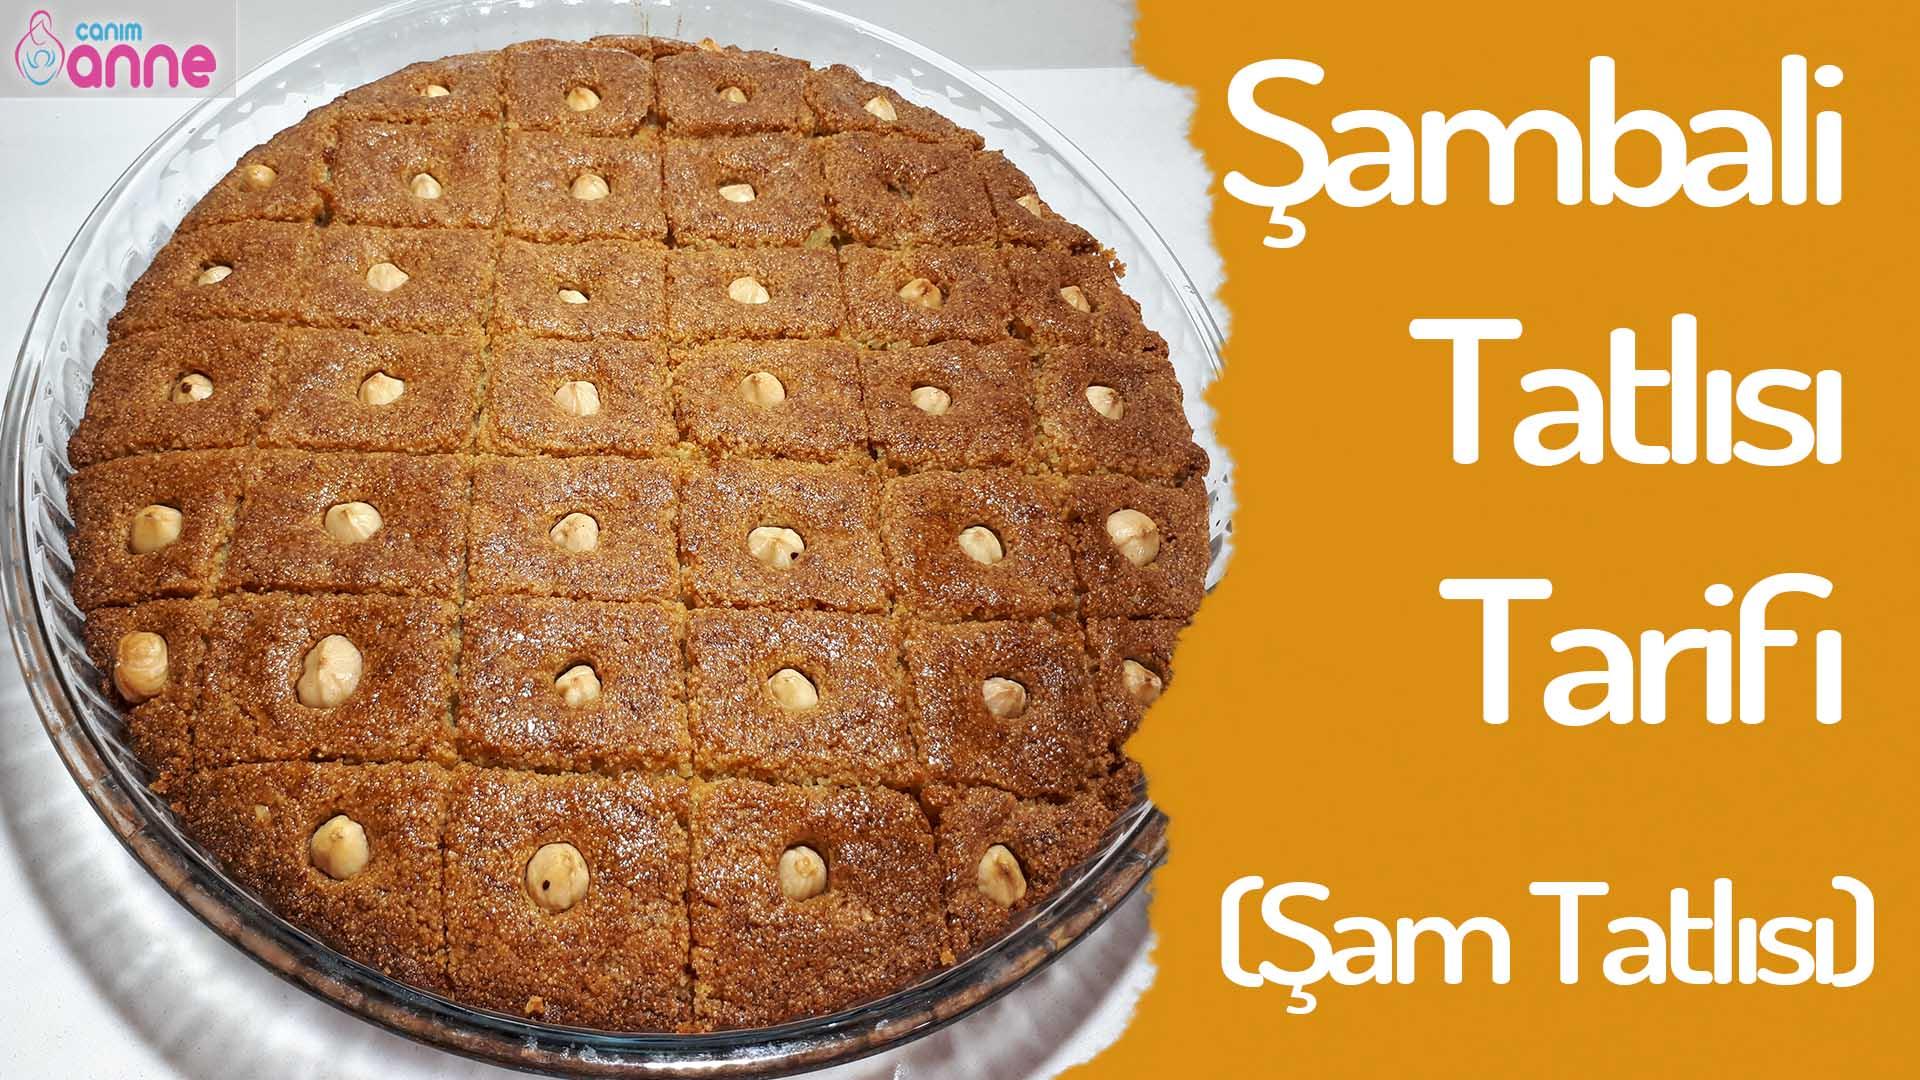 Şam Tatlısı – Şambali